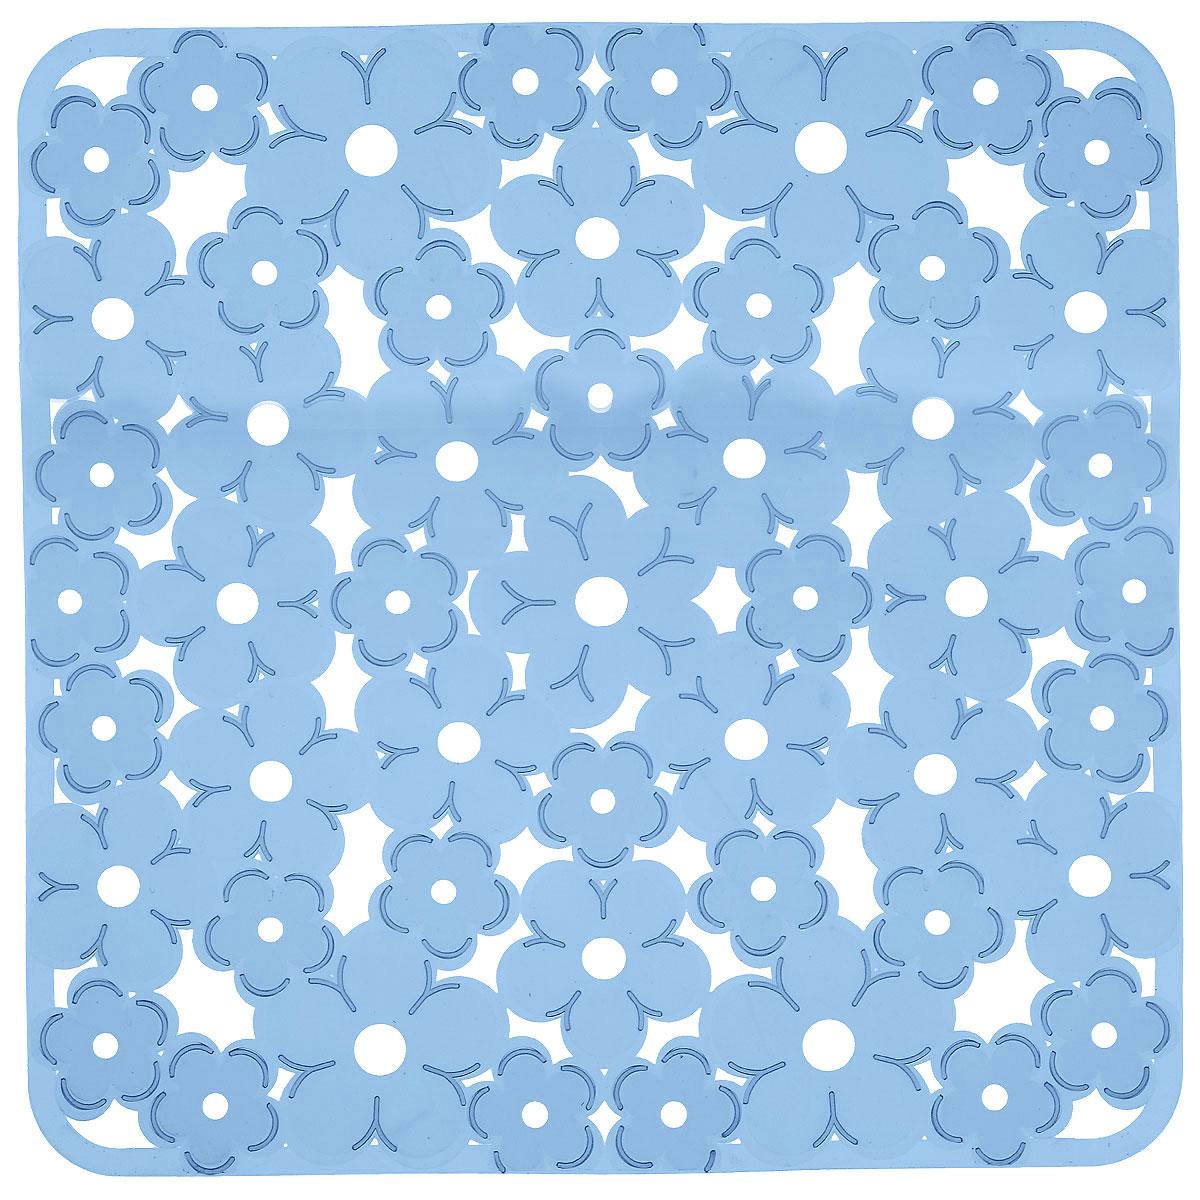 Коврик для раковины Metaltex, цвет: синий, 32 см х 32 см28.75.38Коврик для раковины Metaltex изготовлен из ПВХ с цветочным рисунком. Коврик имеет квадратную форму, поэтому прекрасно подойдет для любых раковин. Такой коврик защитит вашу посуду во время мытья, а также предотвратит засор труб, задерживая остатки пищи. Товар сертифицирован.